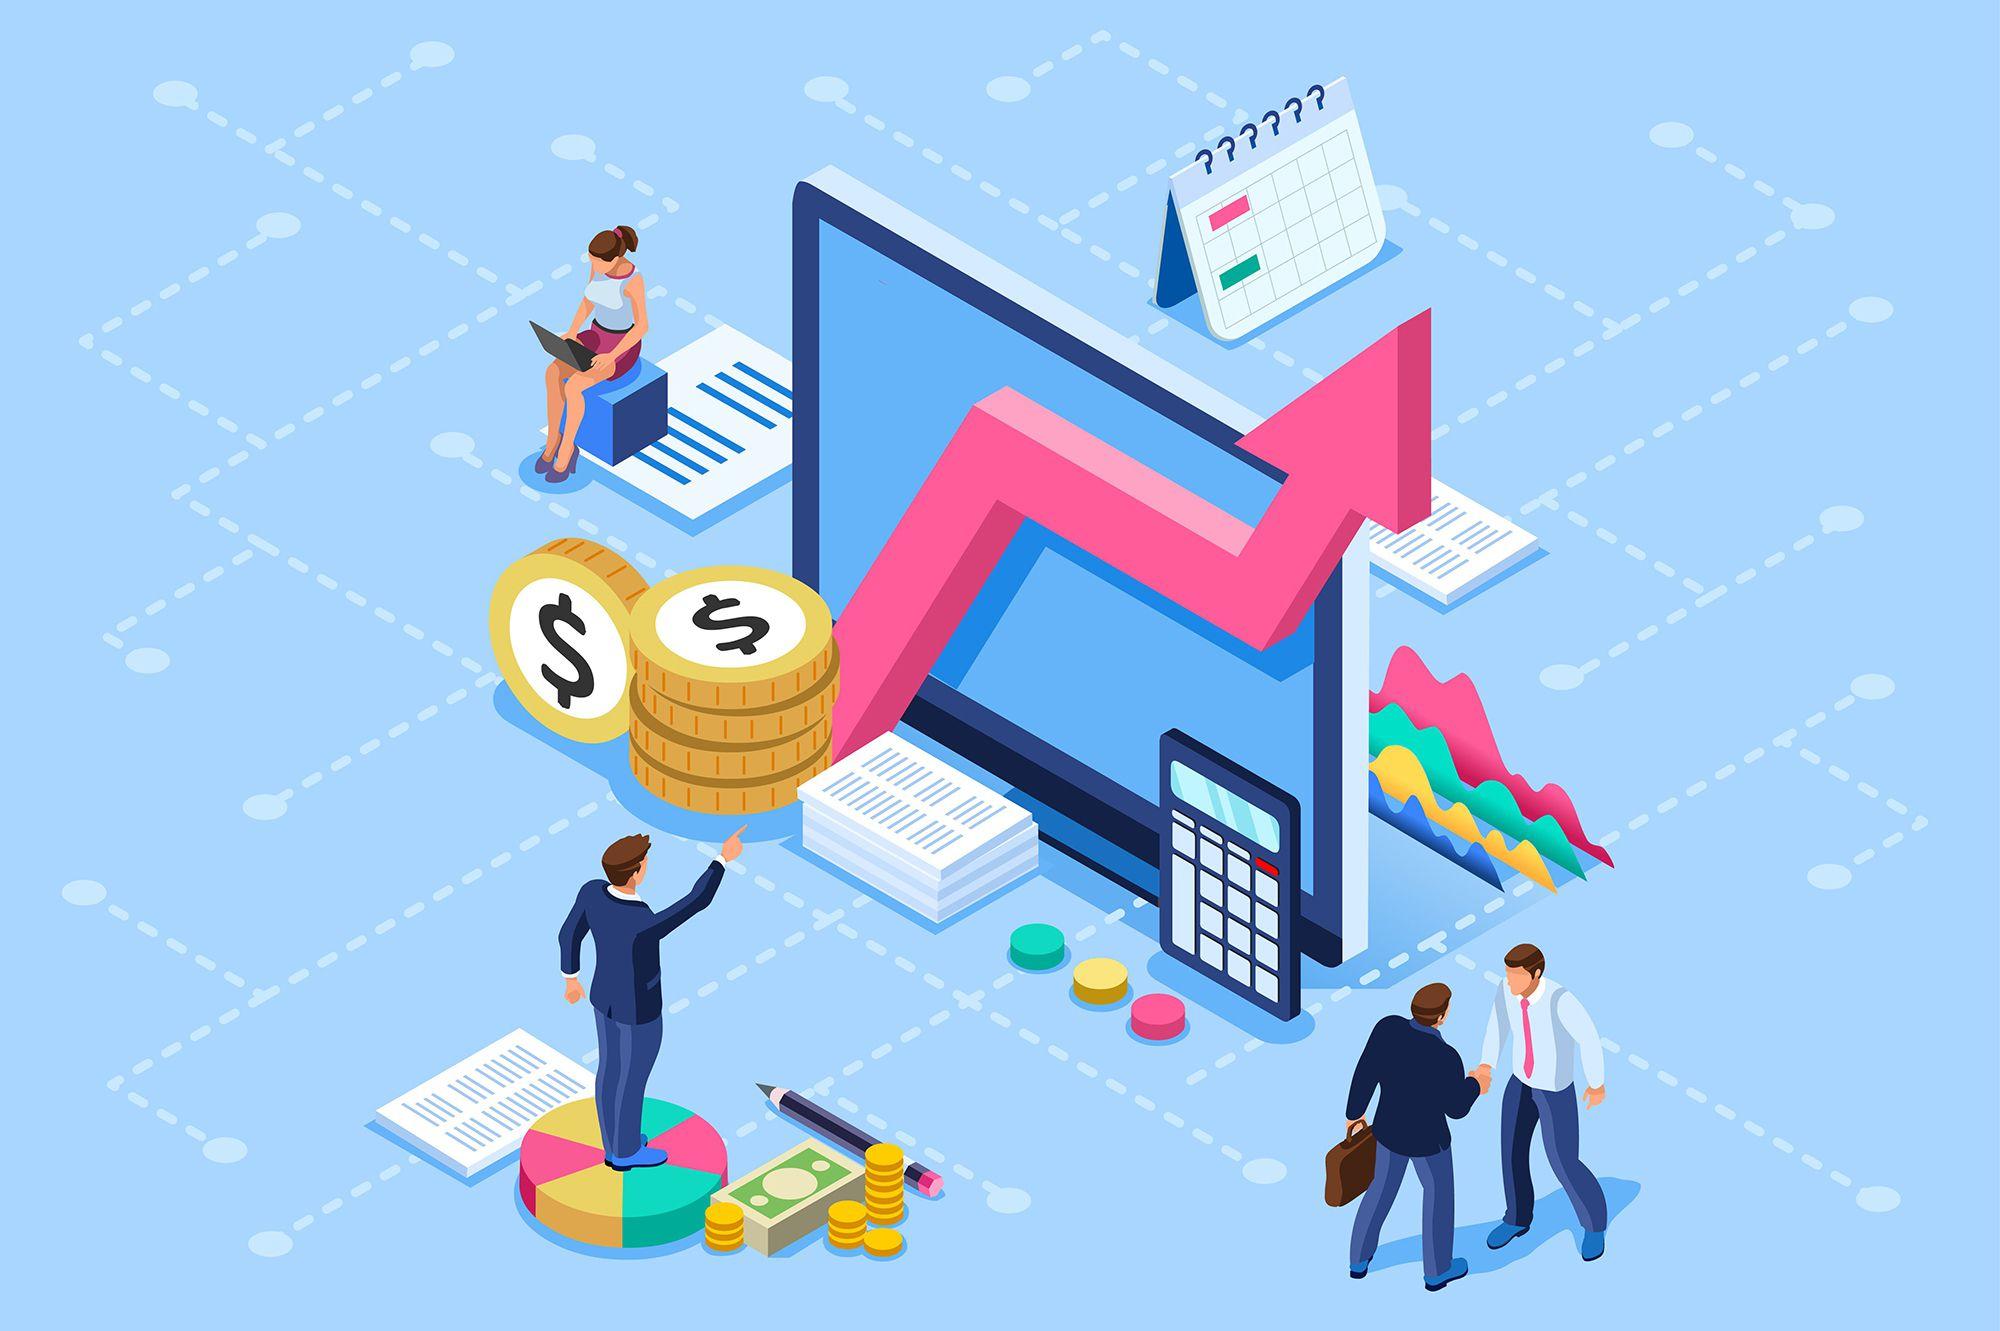 Como reduzir custos na empresa: 4 dicas para aplicar imediatamente